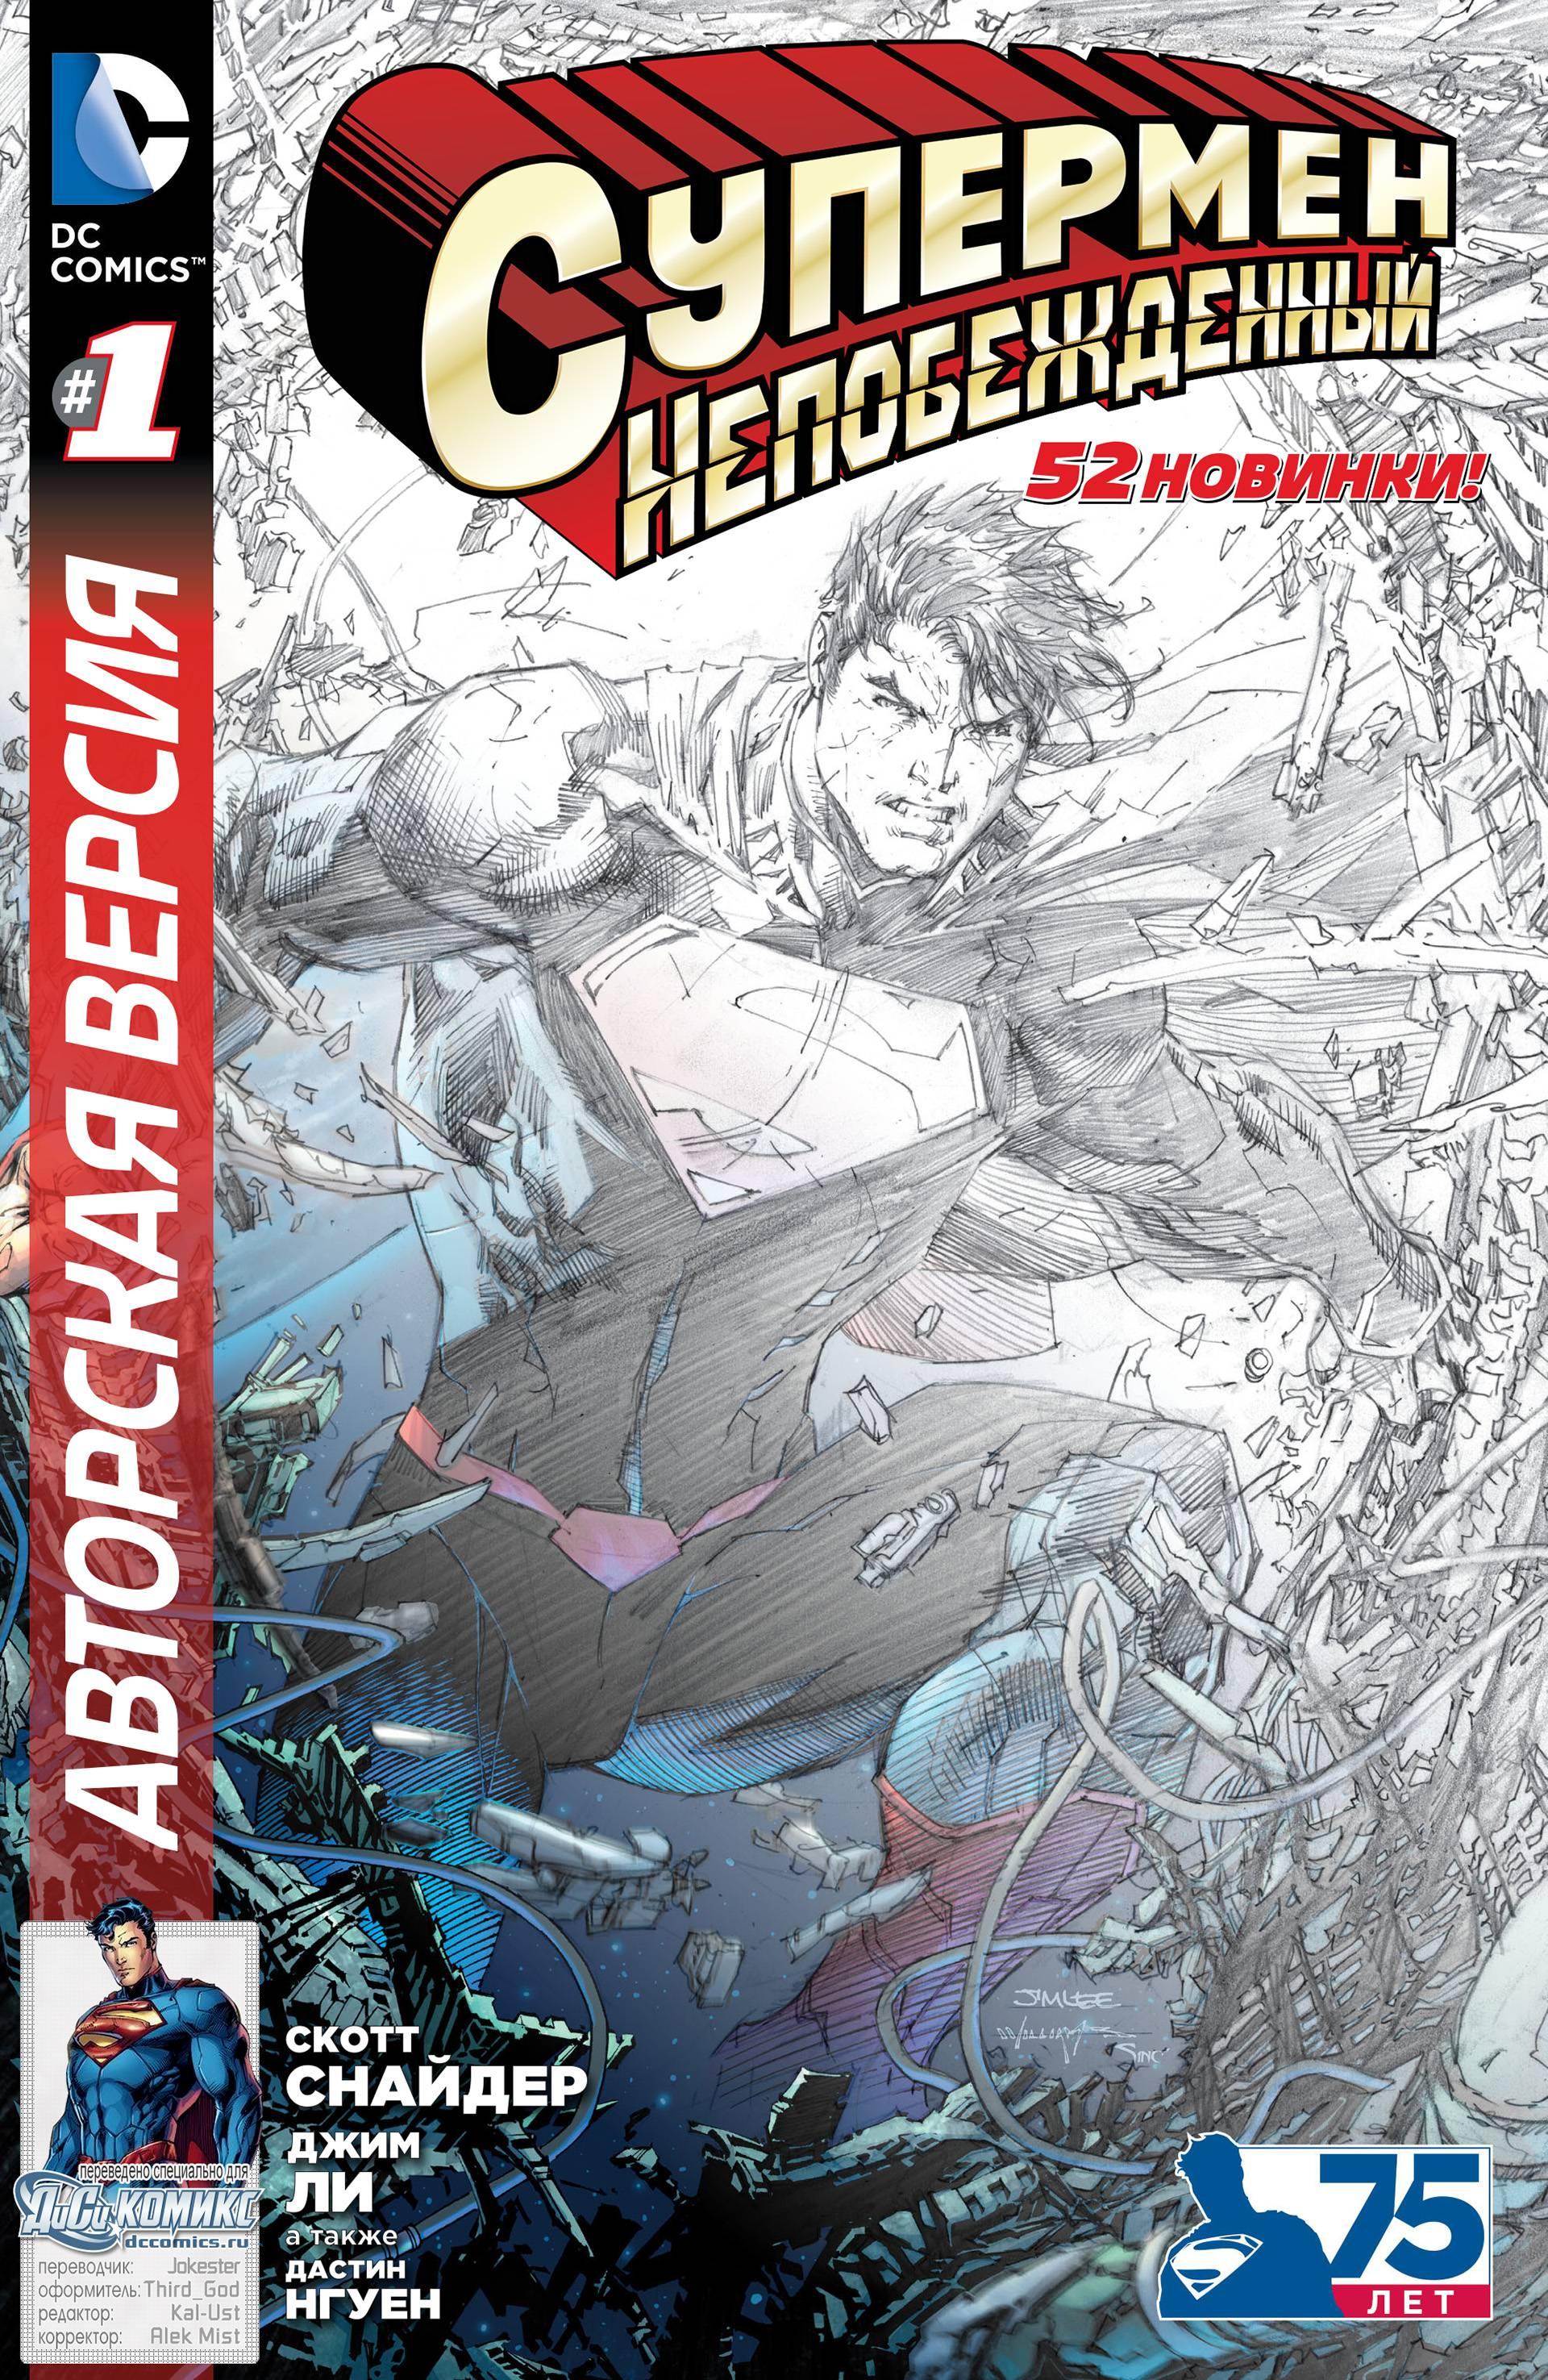 Супермен Непобежденный. Авторская Версия онлайн